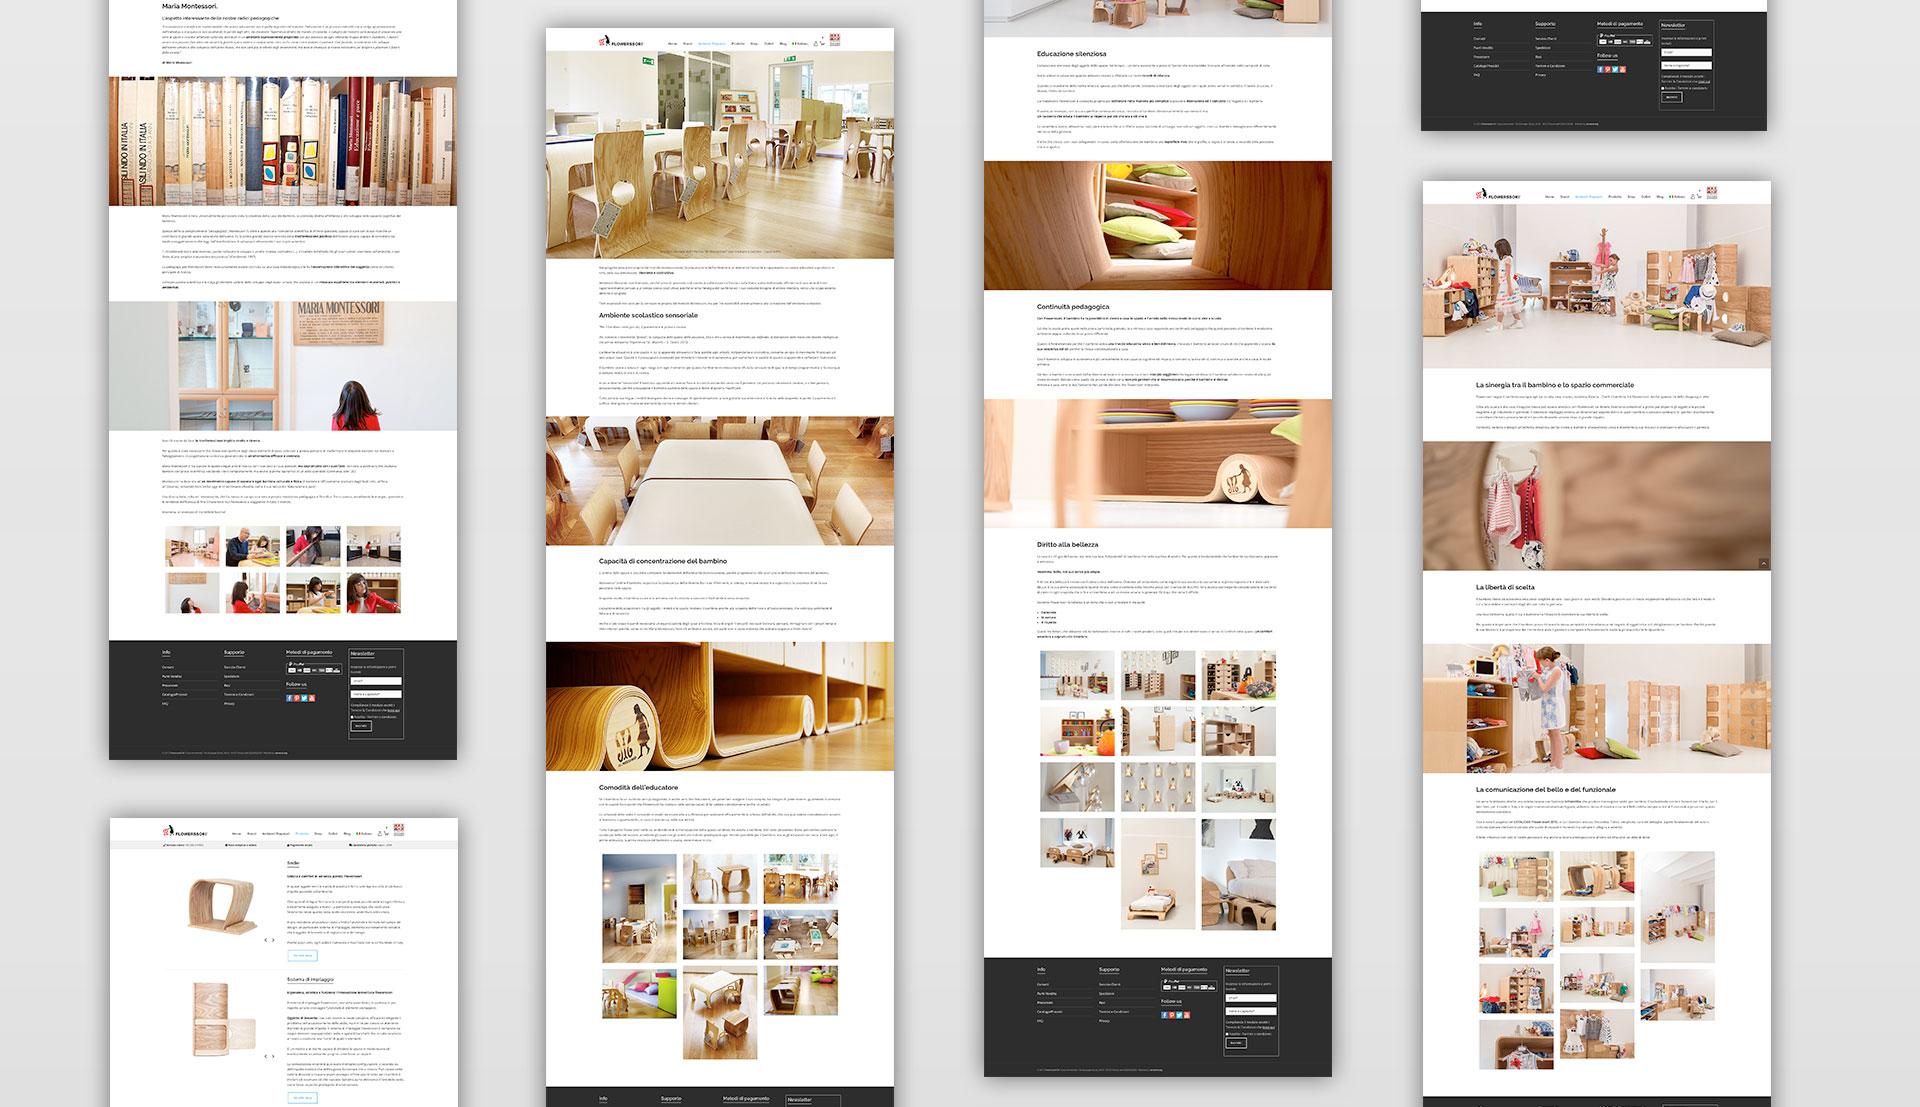 flowerssori-website-pages2